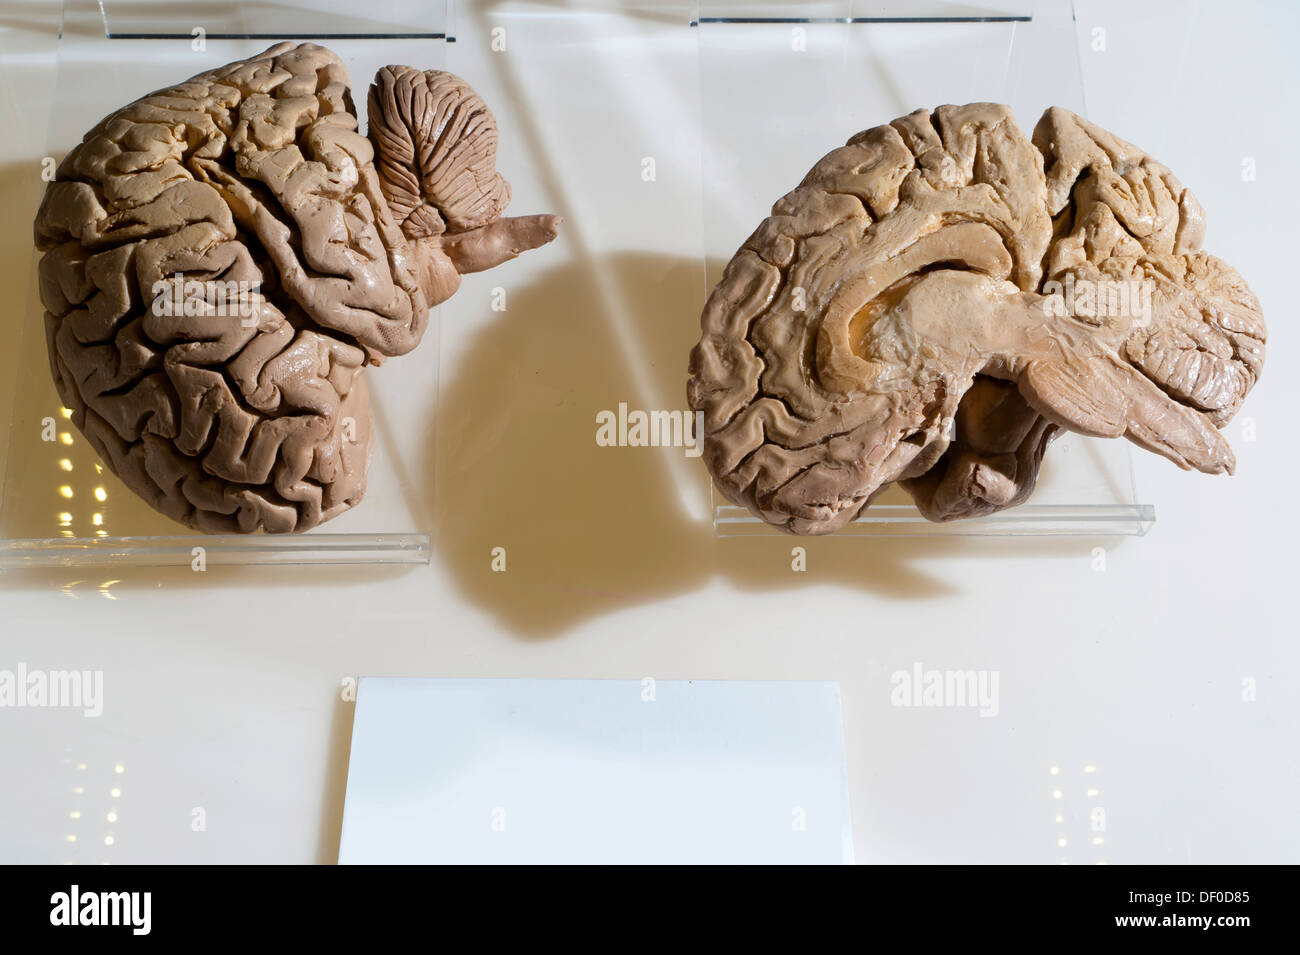 Spécimen de Plastination coupe sagittal médian du cerveau humain Photo Stock